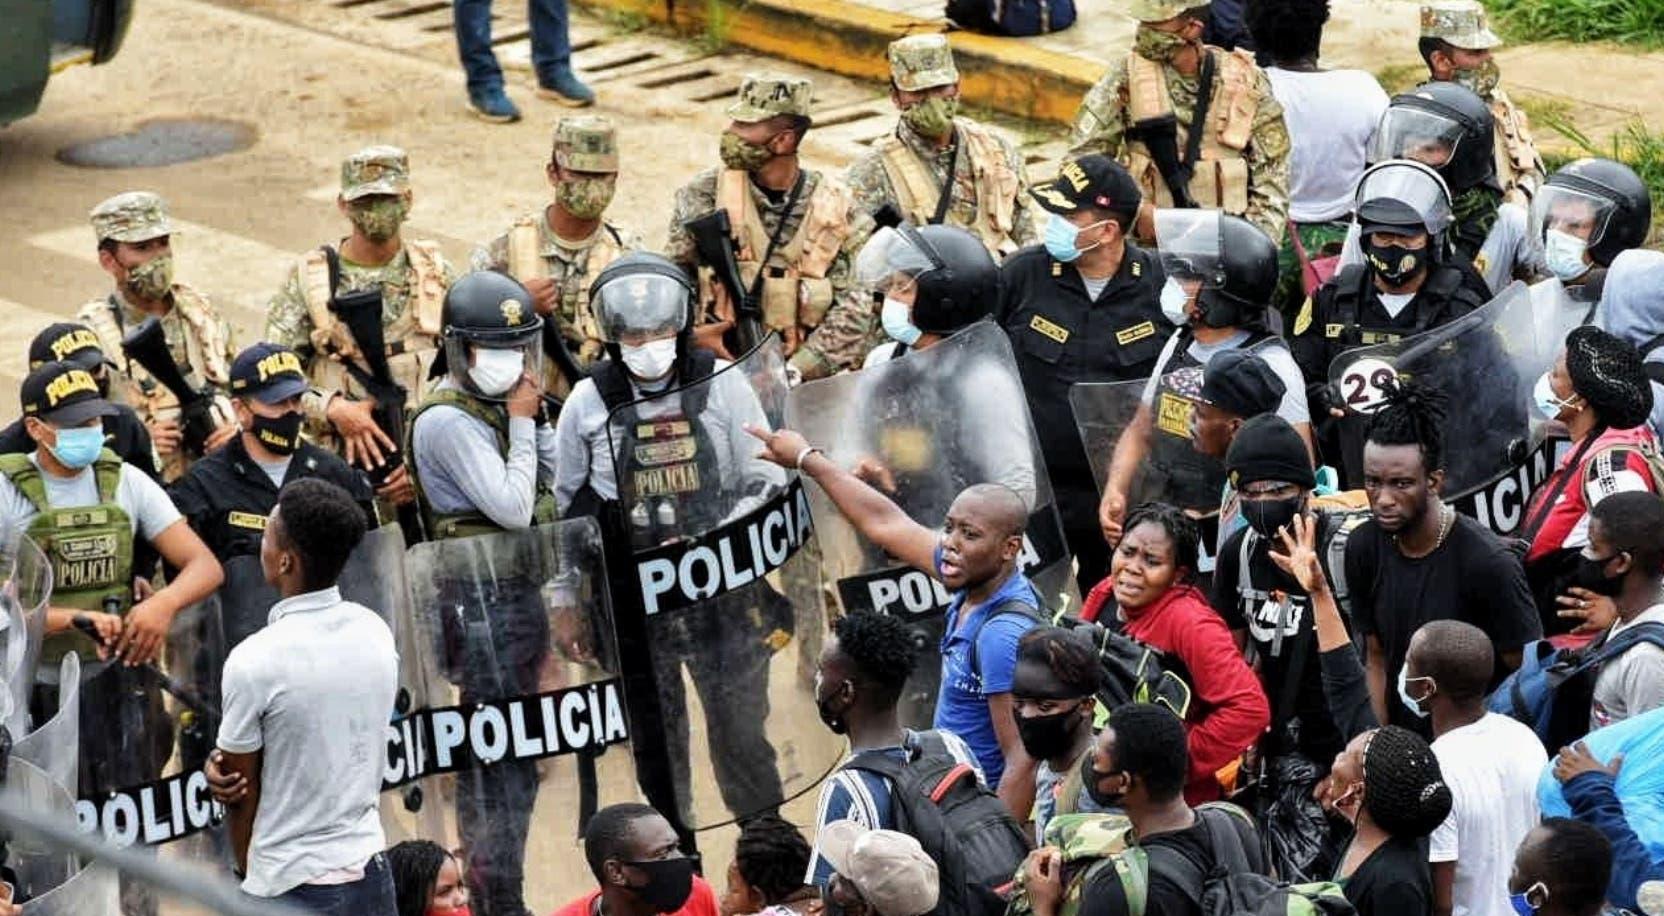 Grupo de haitianos marcha en caravana de Brasil a Perú